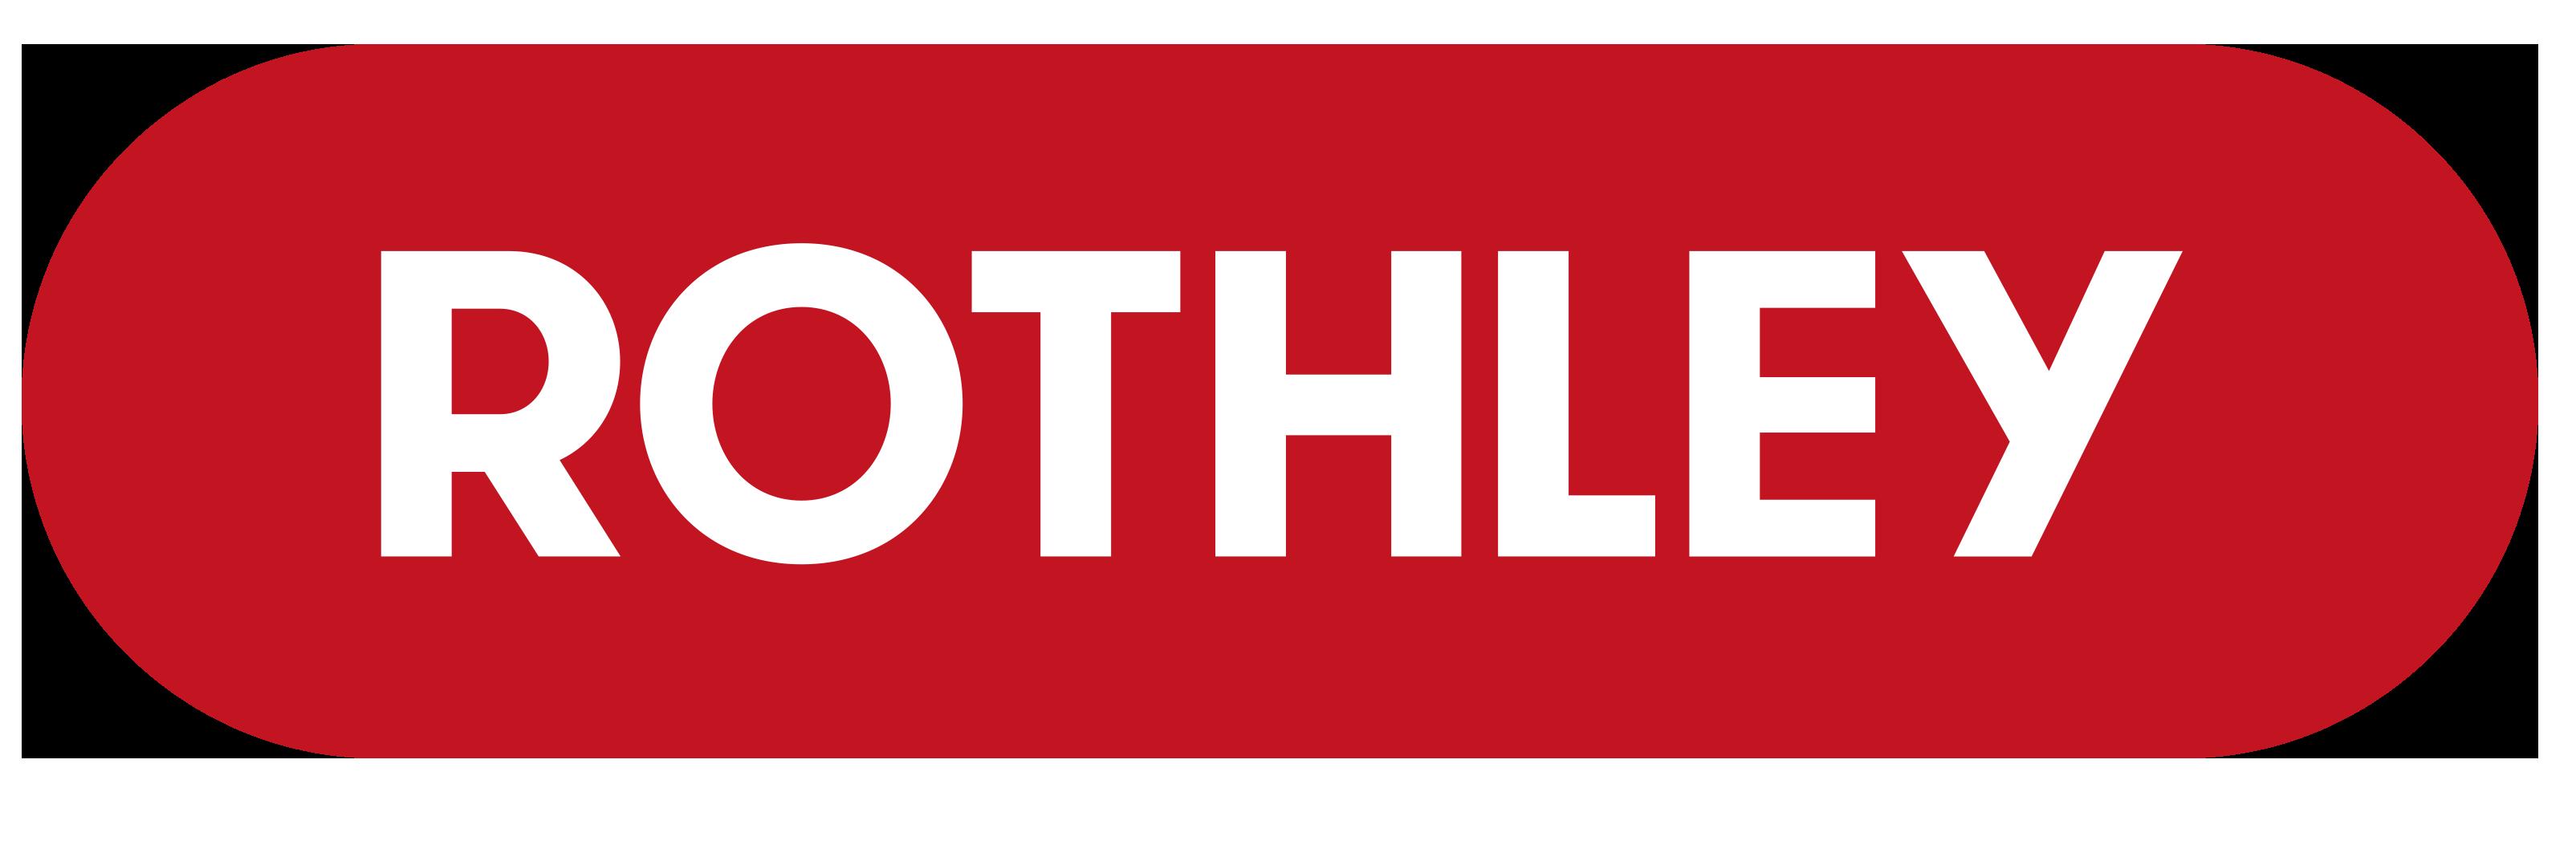 Rothley